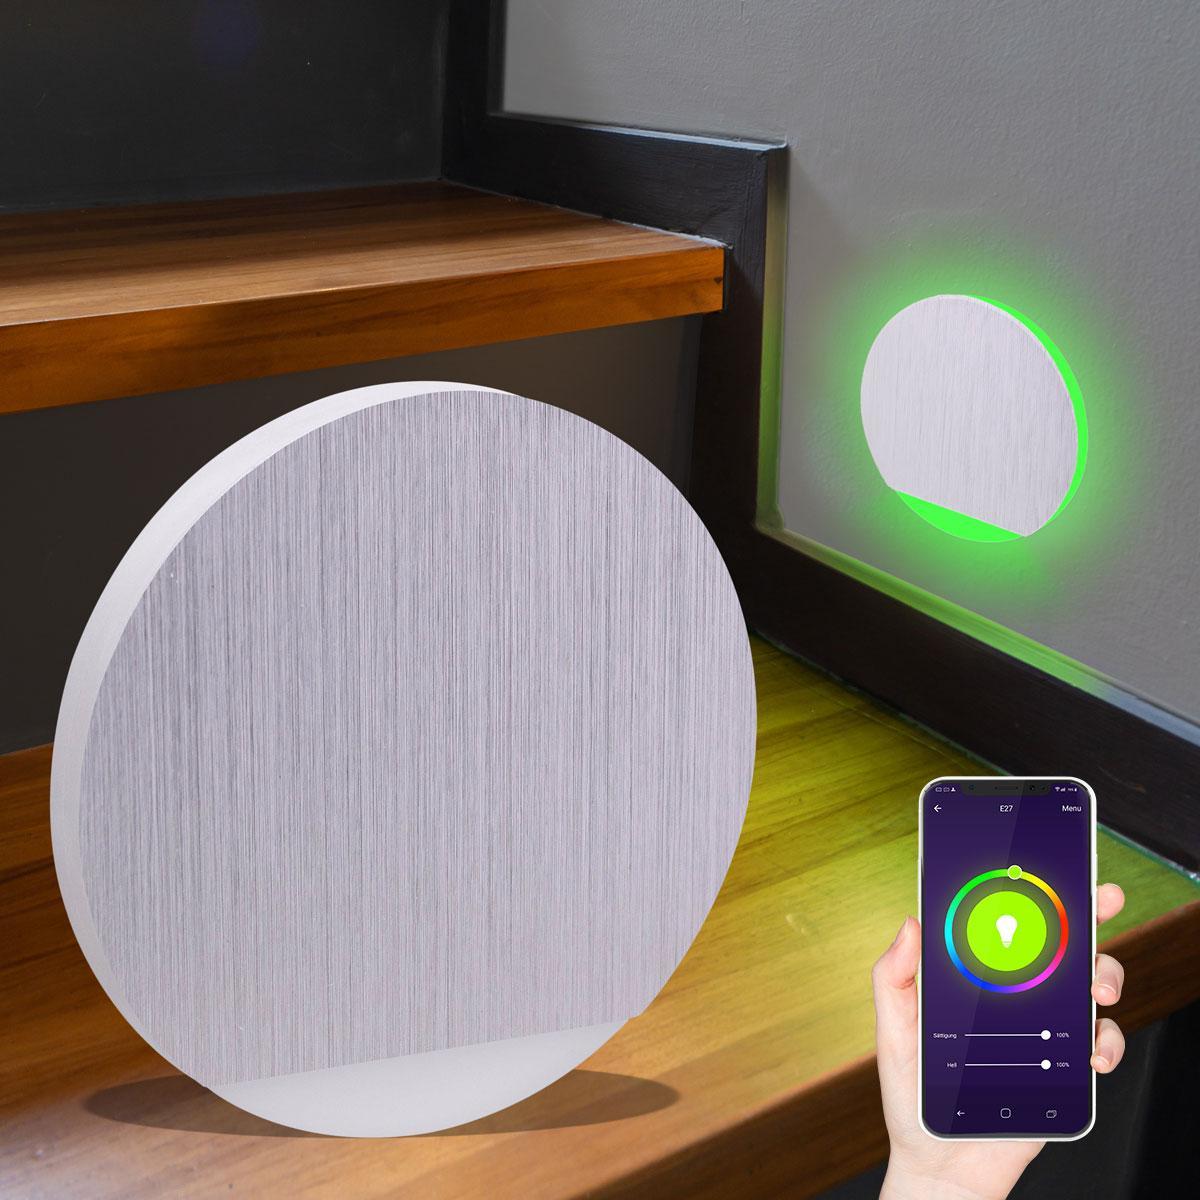 LED Treppenlicht rund Smart Tuya RGB+CCT 230V 5W Alu-gebürstet Lichtaustritt seitlich&frontal